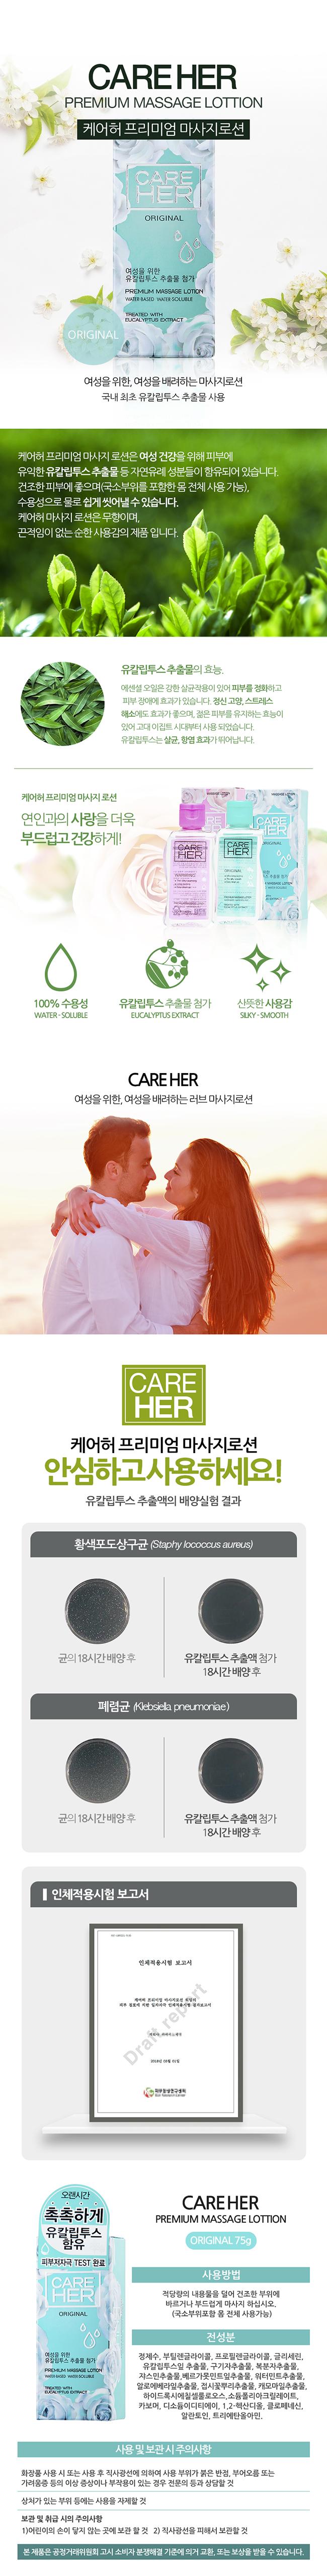 [자연 성분] 케어허 프리미엄 마사지 로션 오리지널(Care Her Premium Massage Lotion Original)